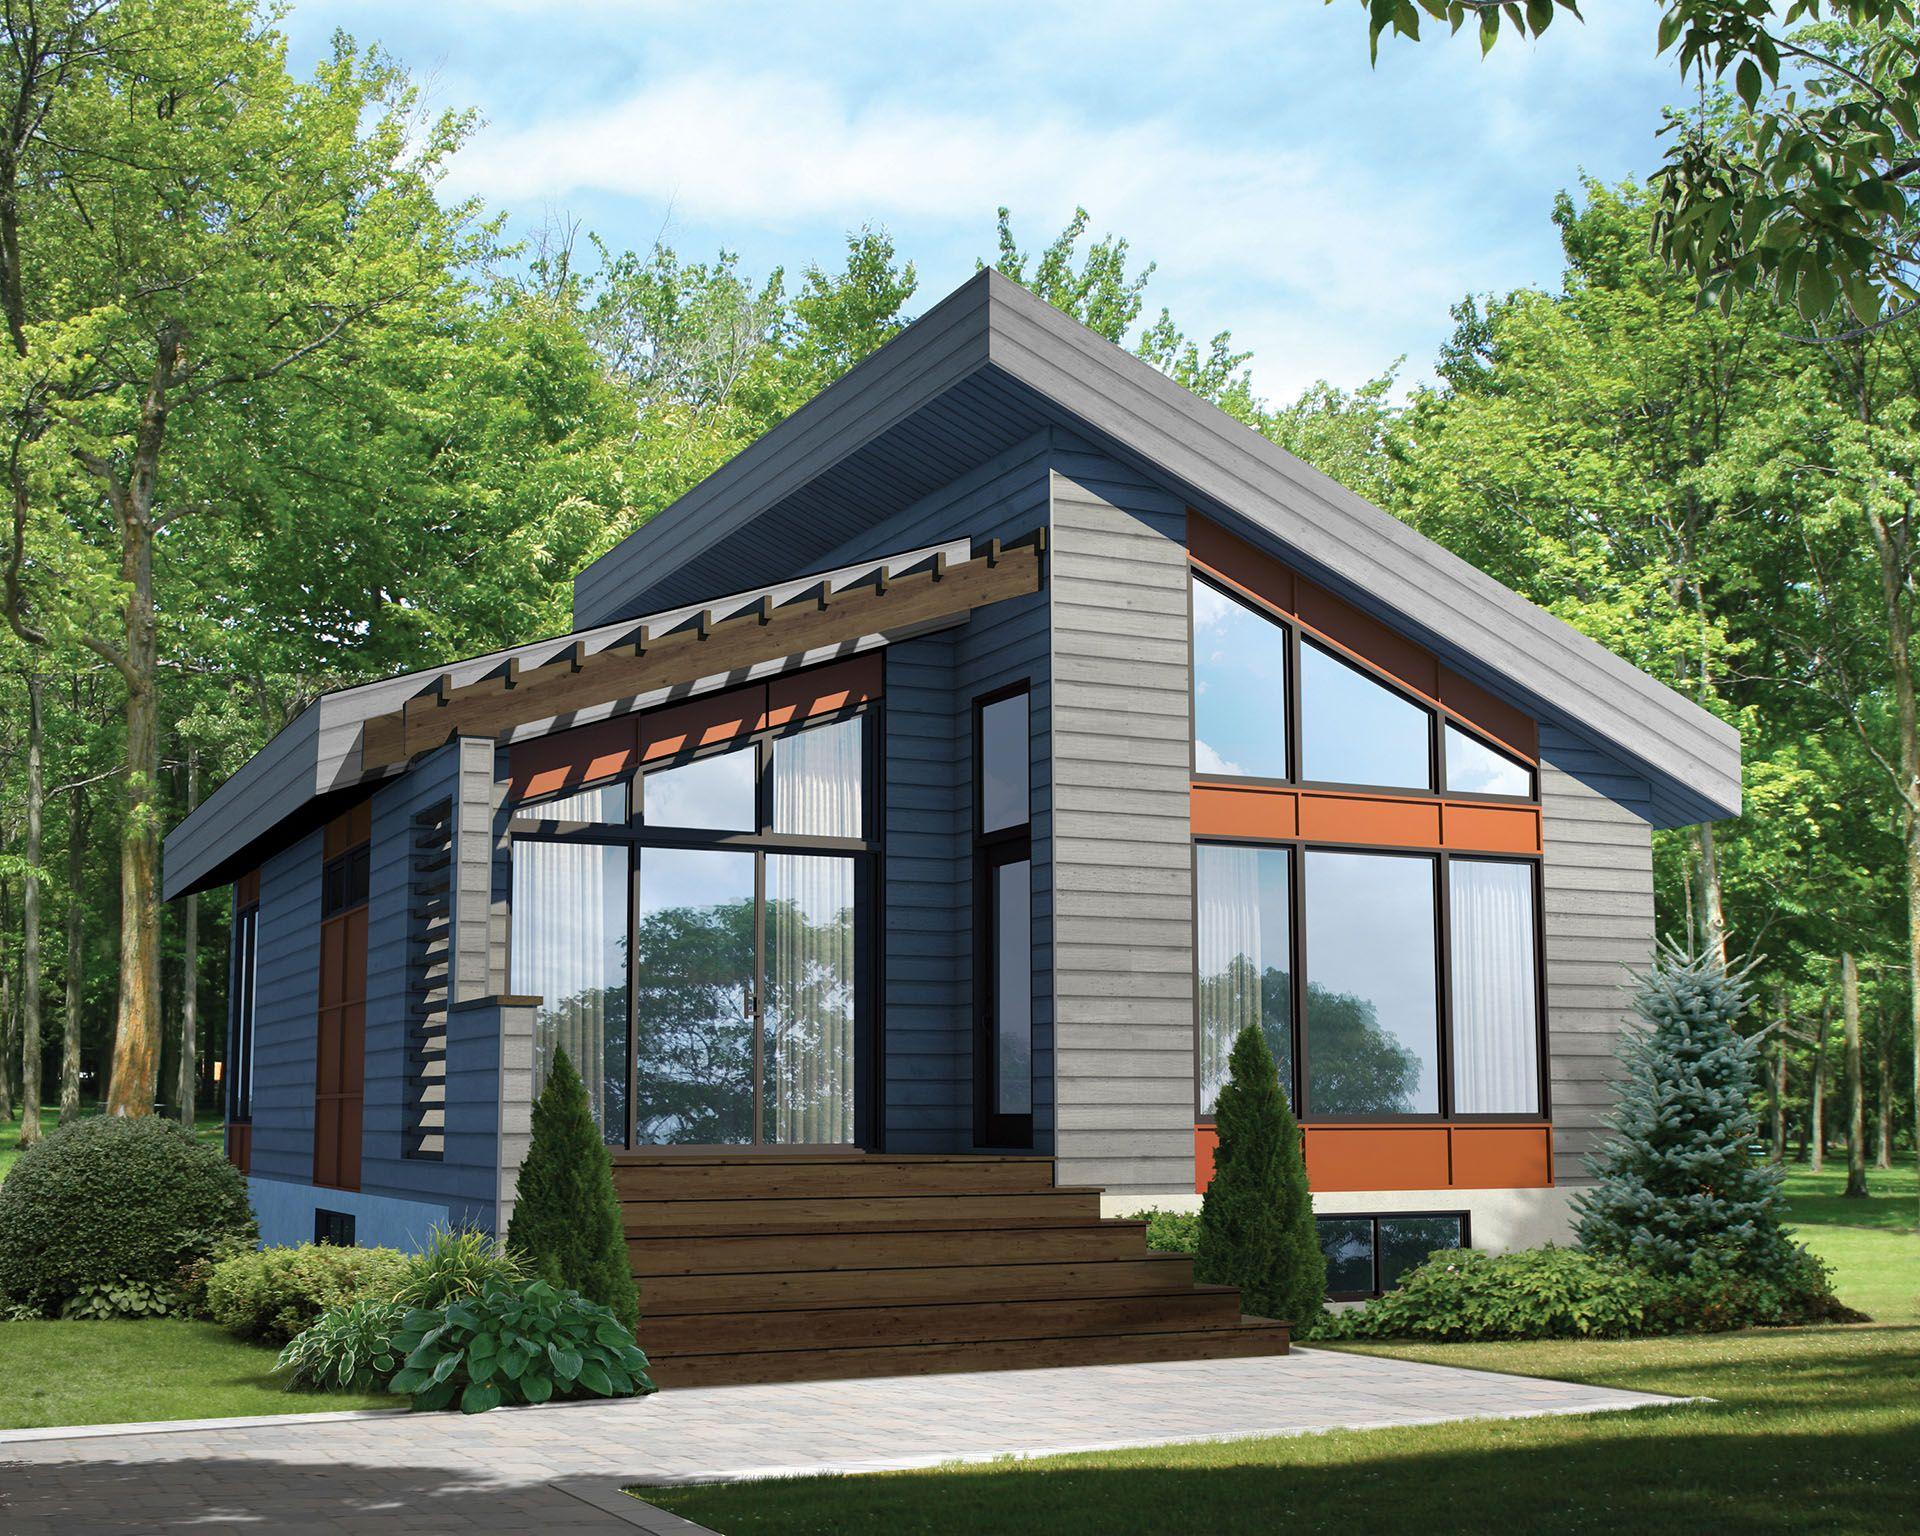 Plan 80774pm Contemporary Vacation Getaway Contemporary House Plans Modern House Plans Small House Plans